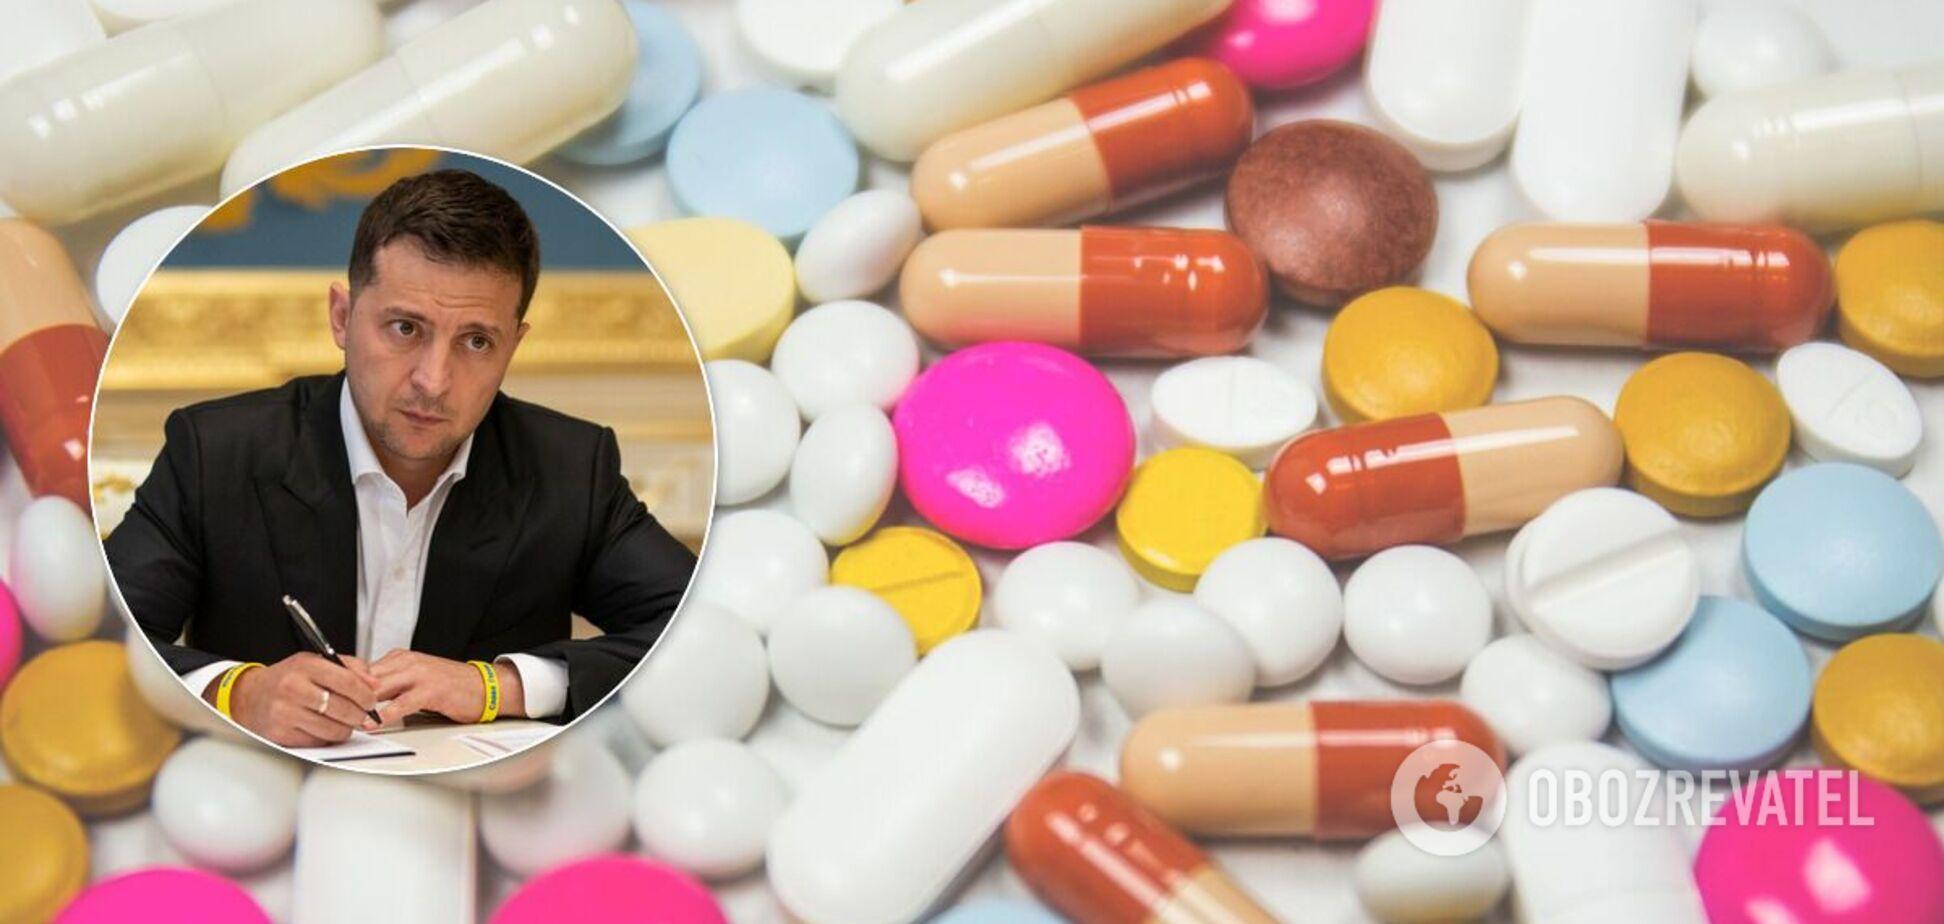 Зеленский подписал закон о торговле лекарствами в интернете